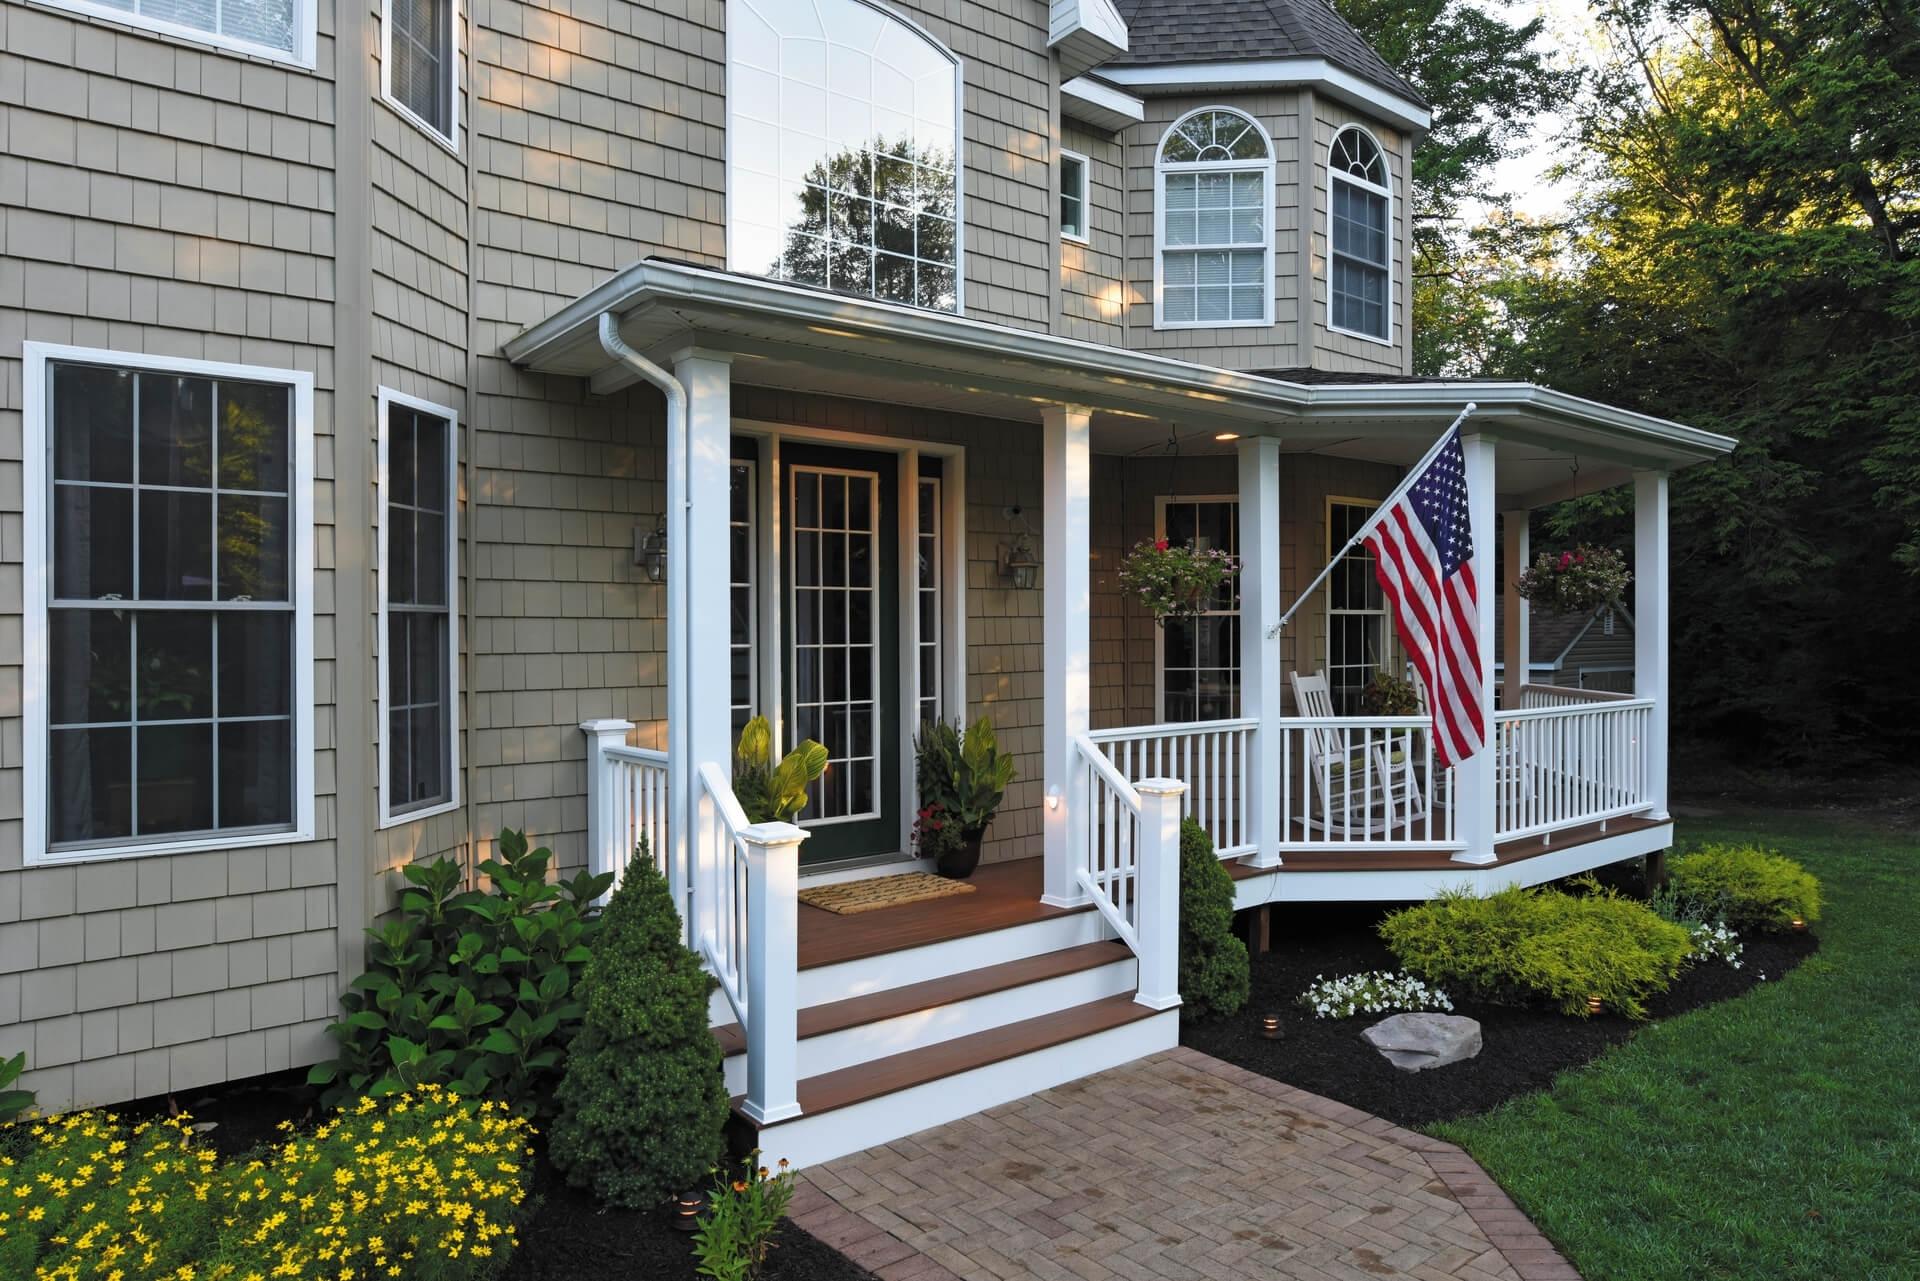 Adding A Wrap Around Porch To A House Randolph Indoor And Outdoor Design